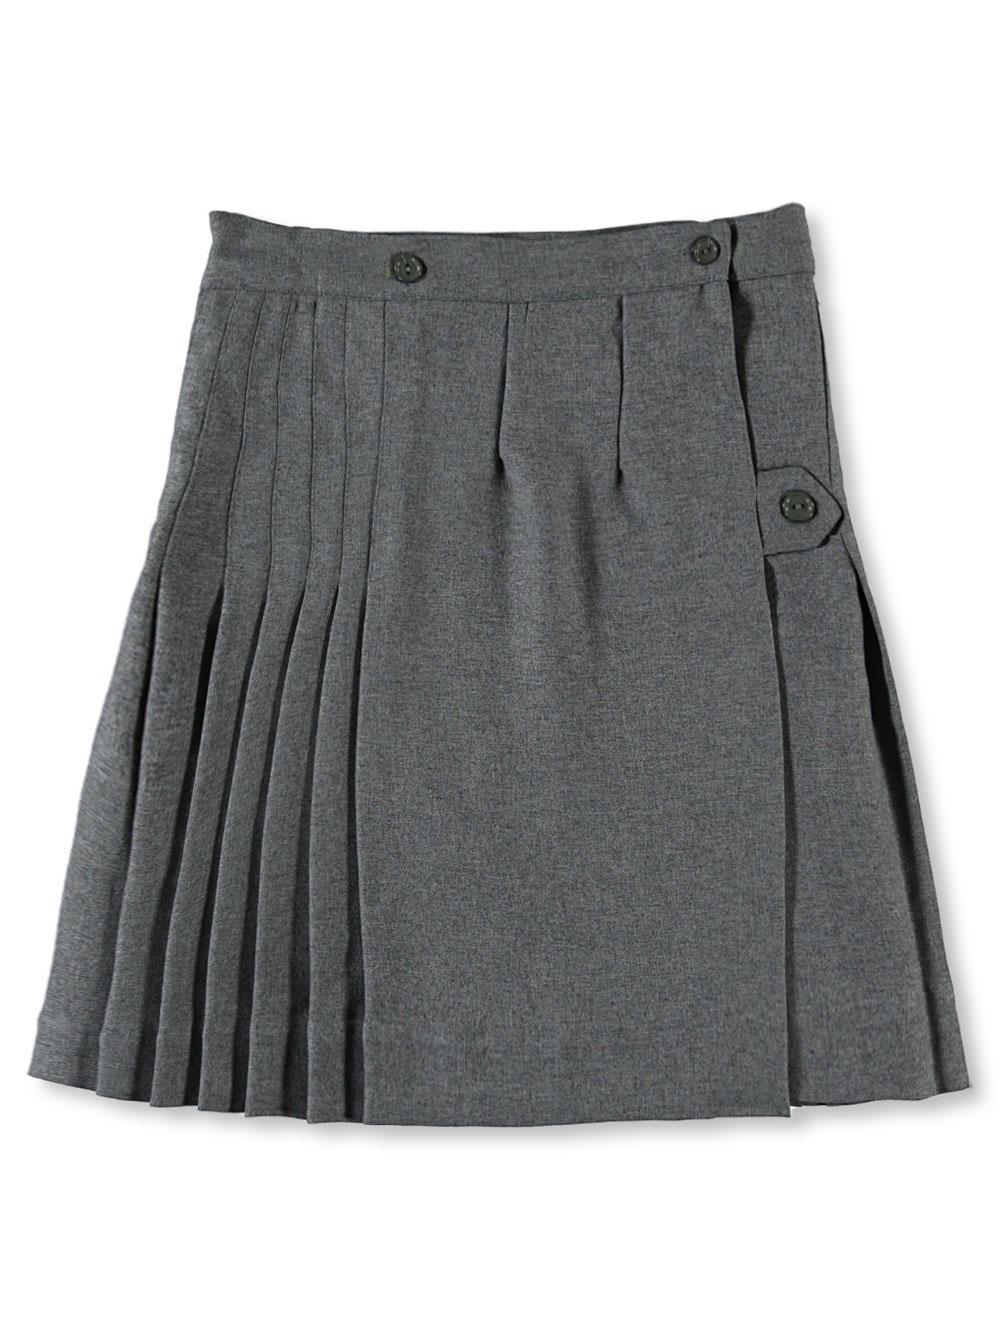 Skirt Gray 12 Usa